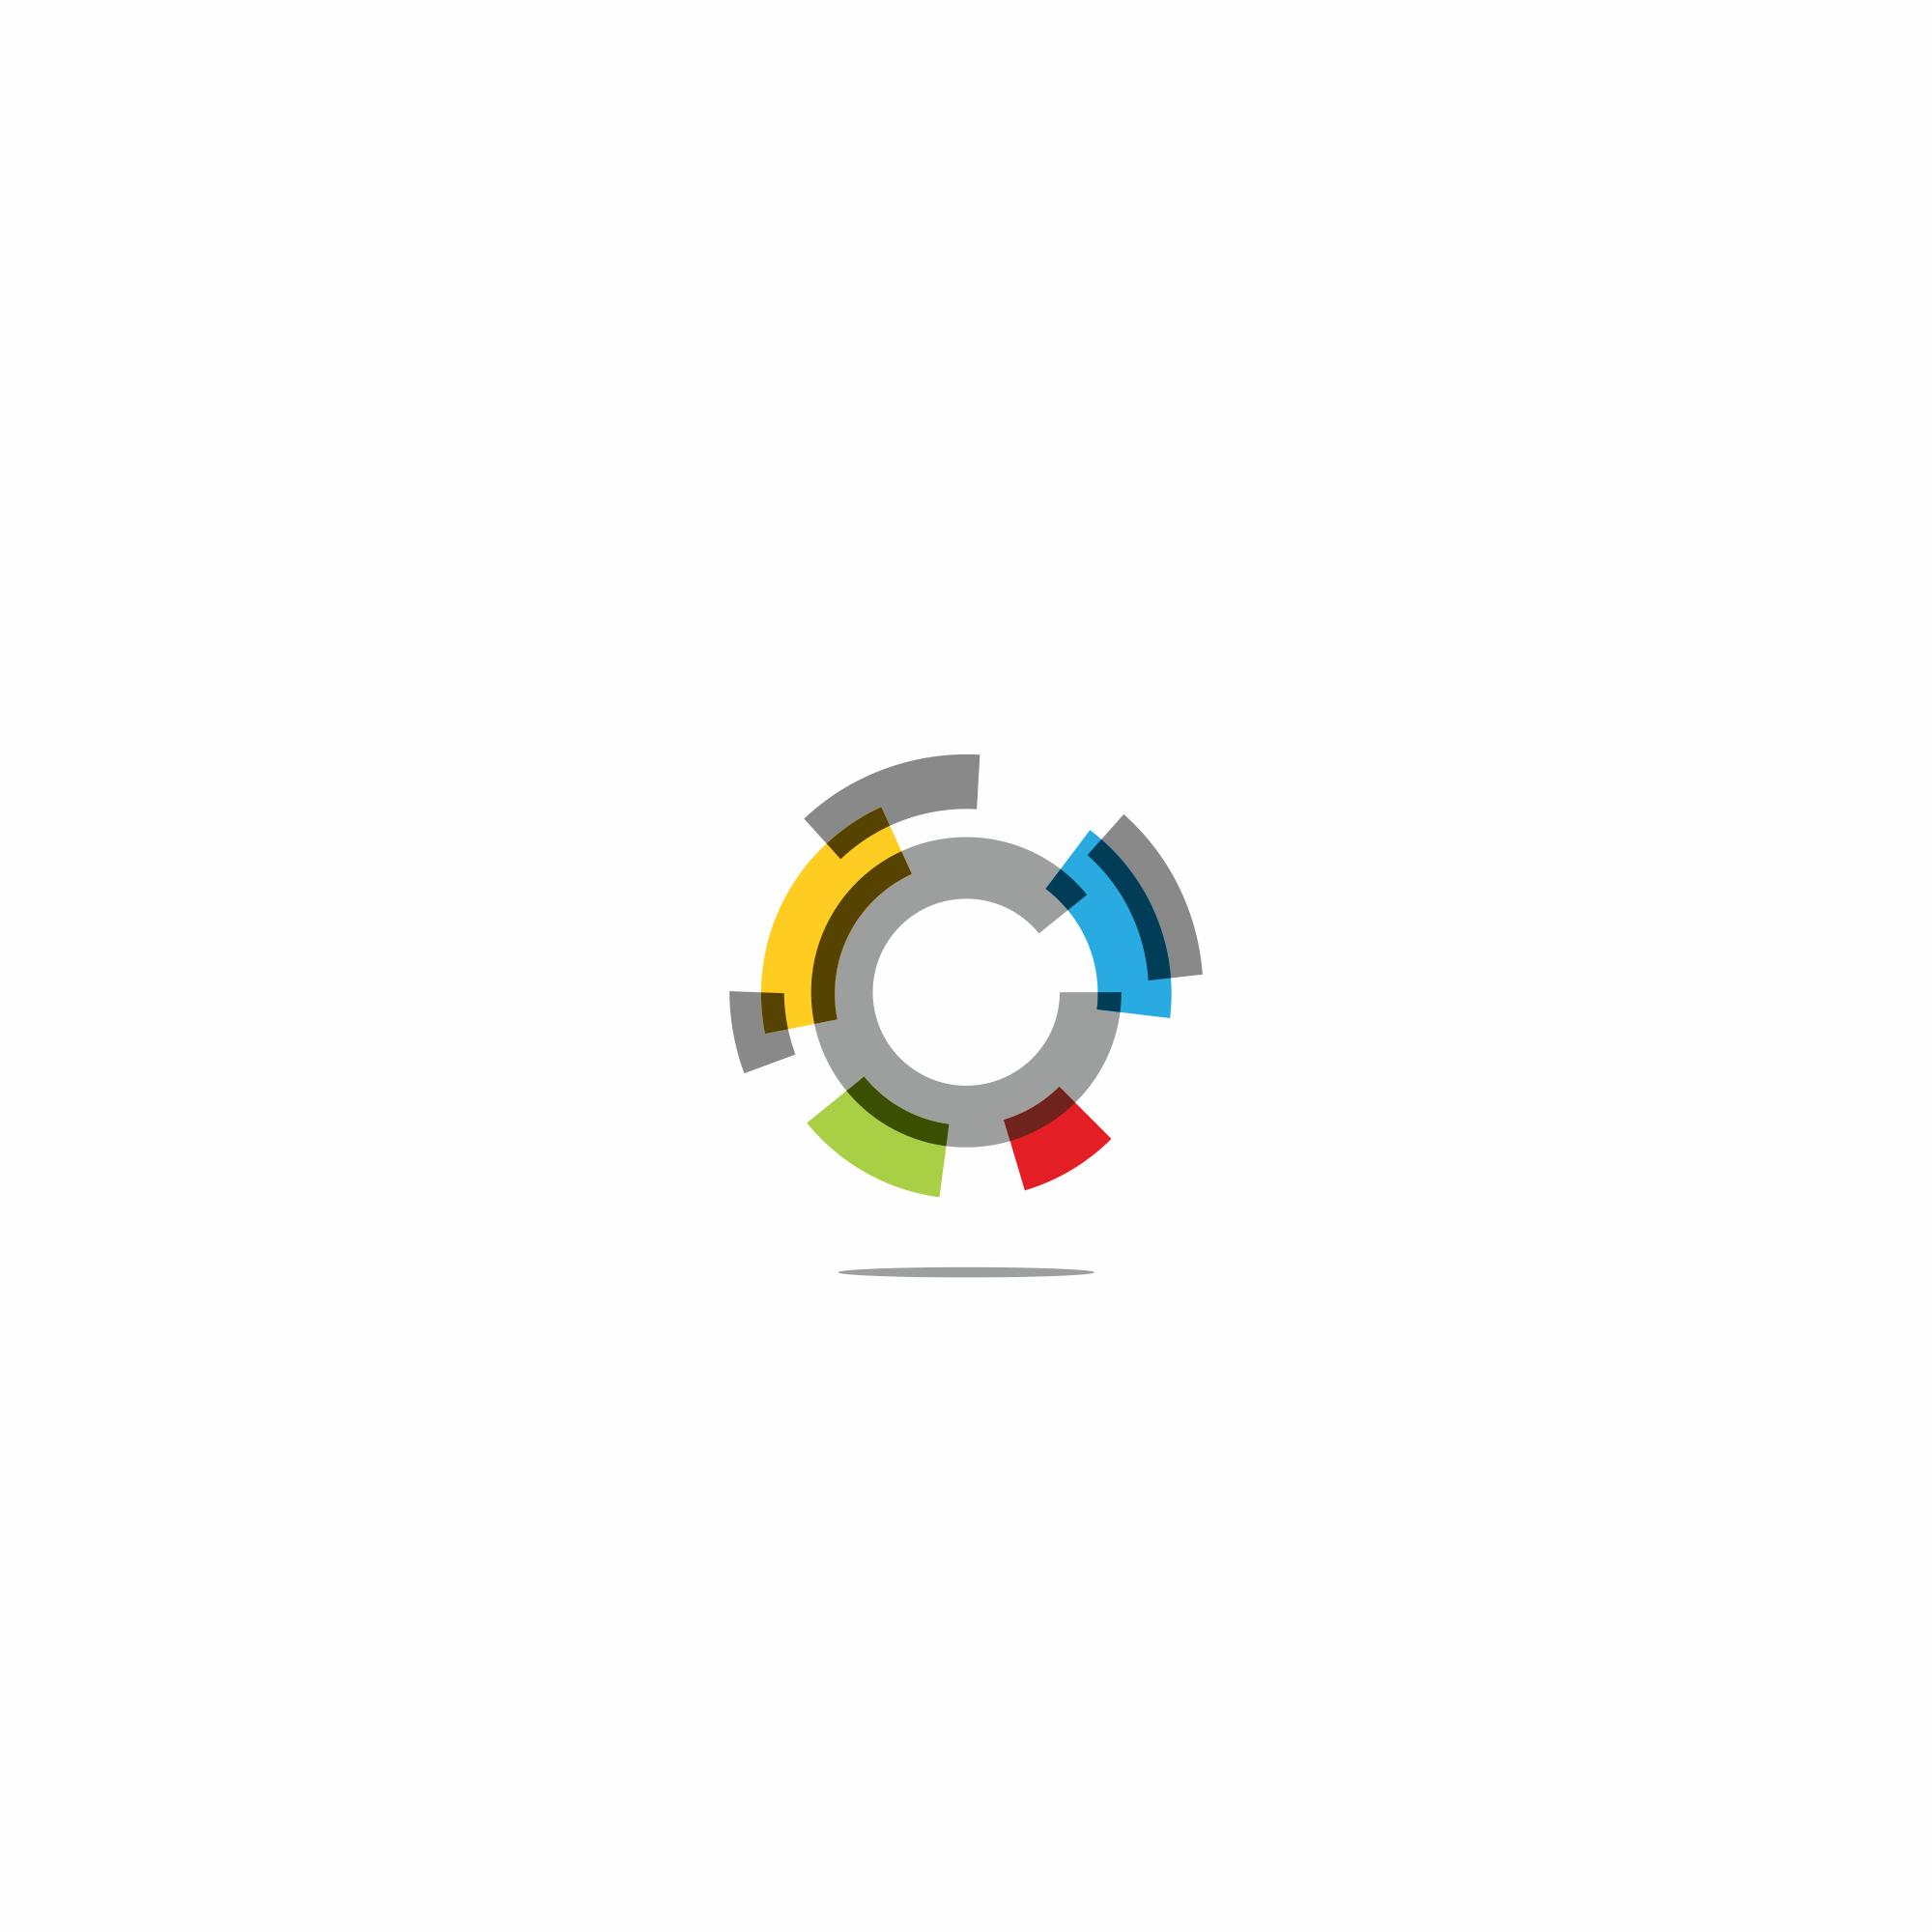 Разработка логотипа для творческого портала фото f_0125b60ab32290d6.jpg